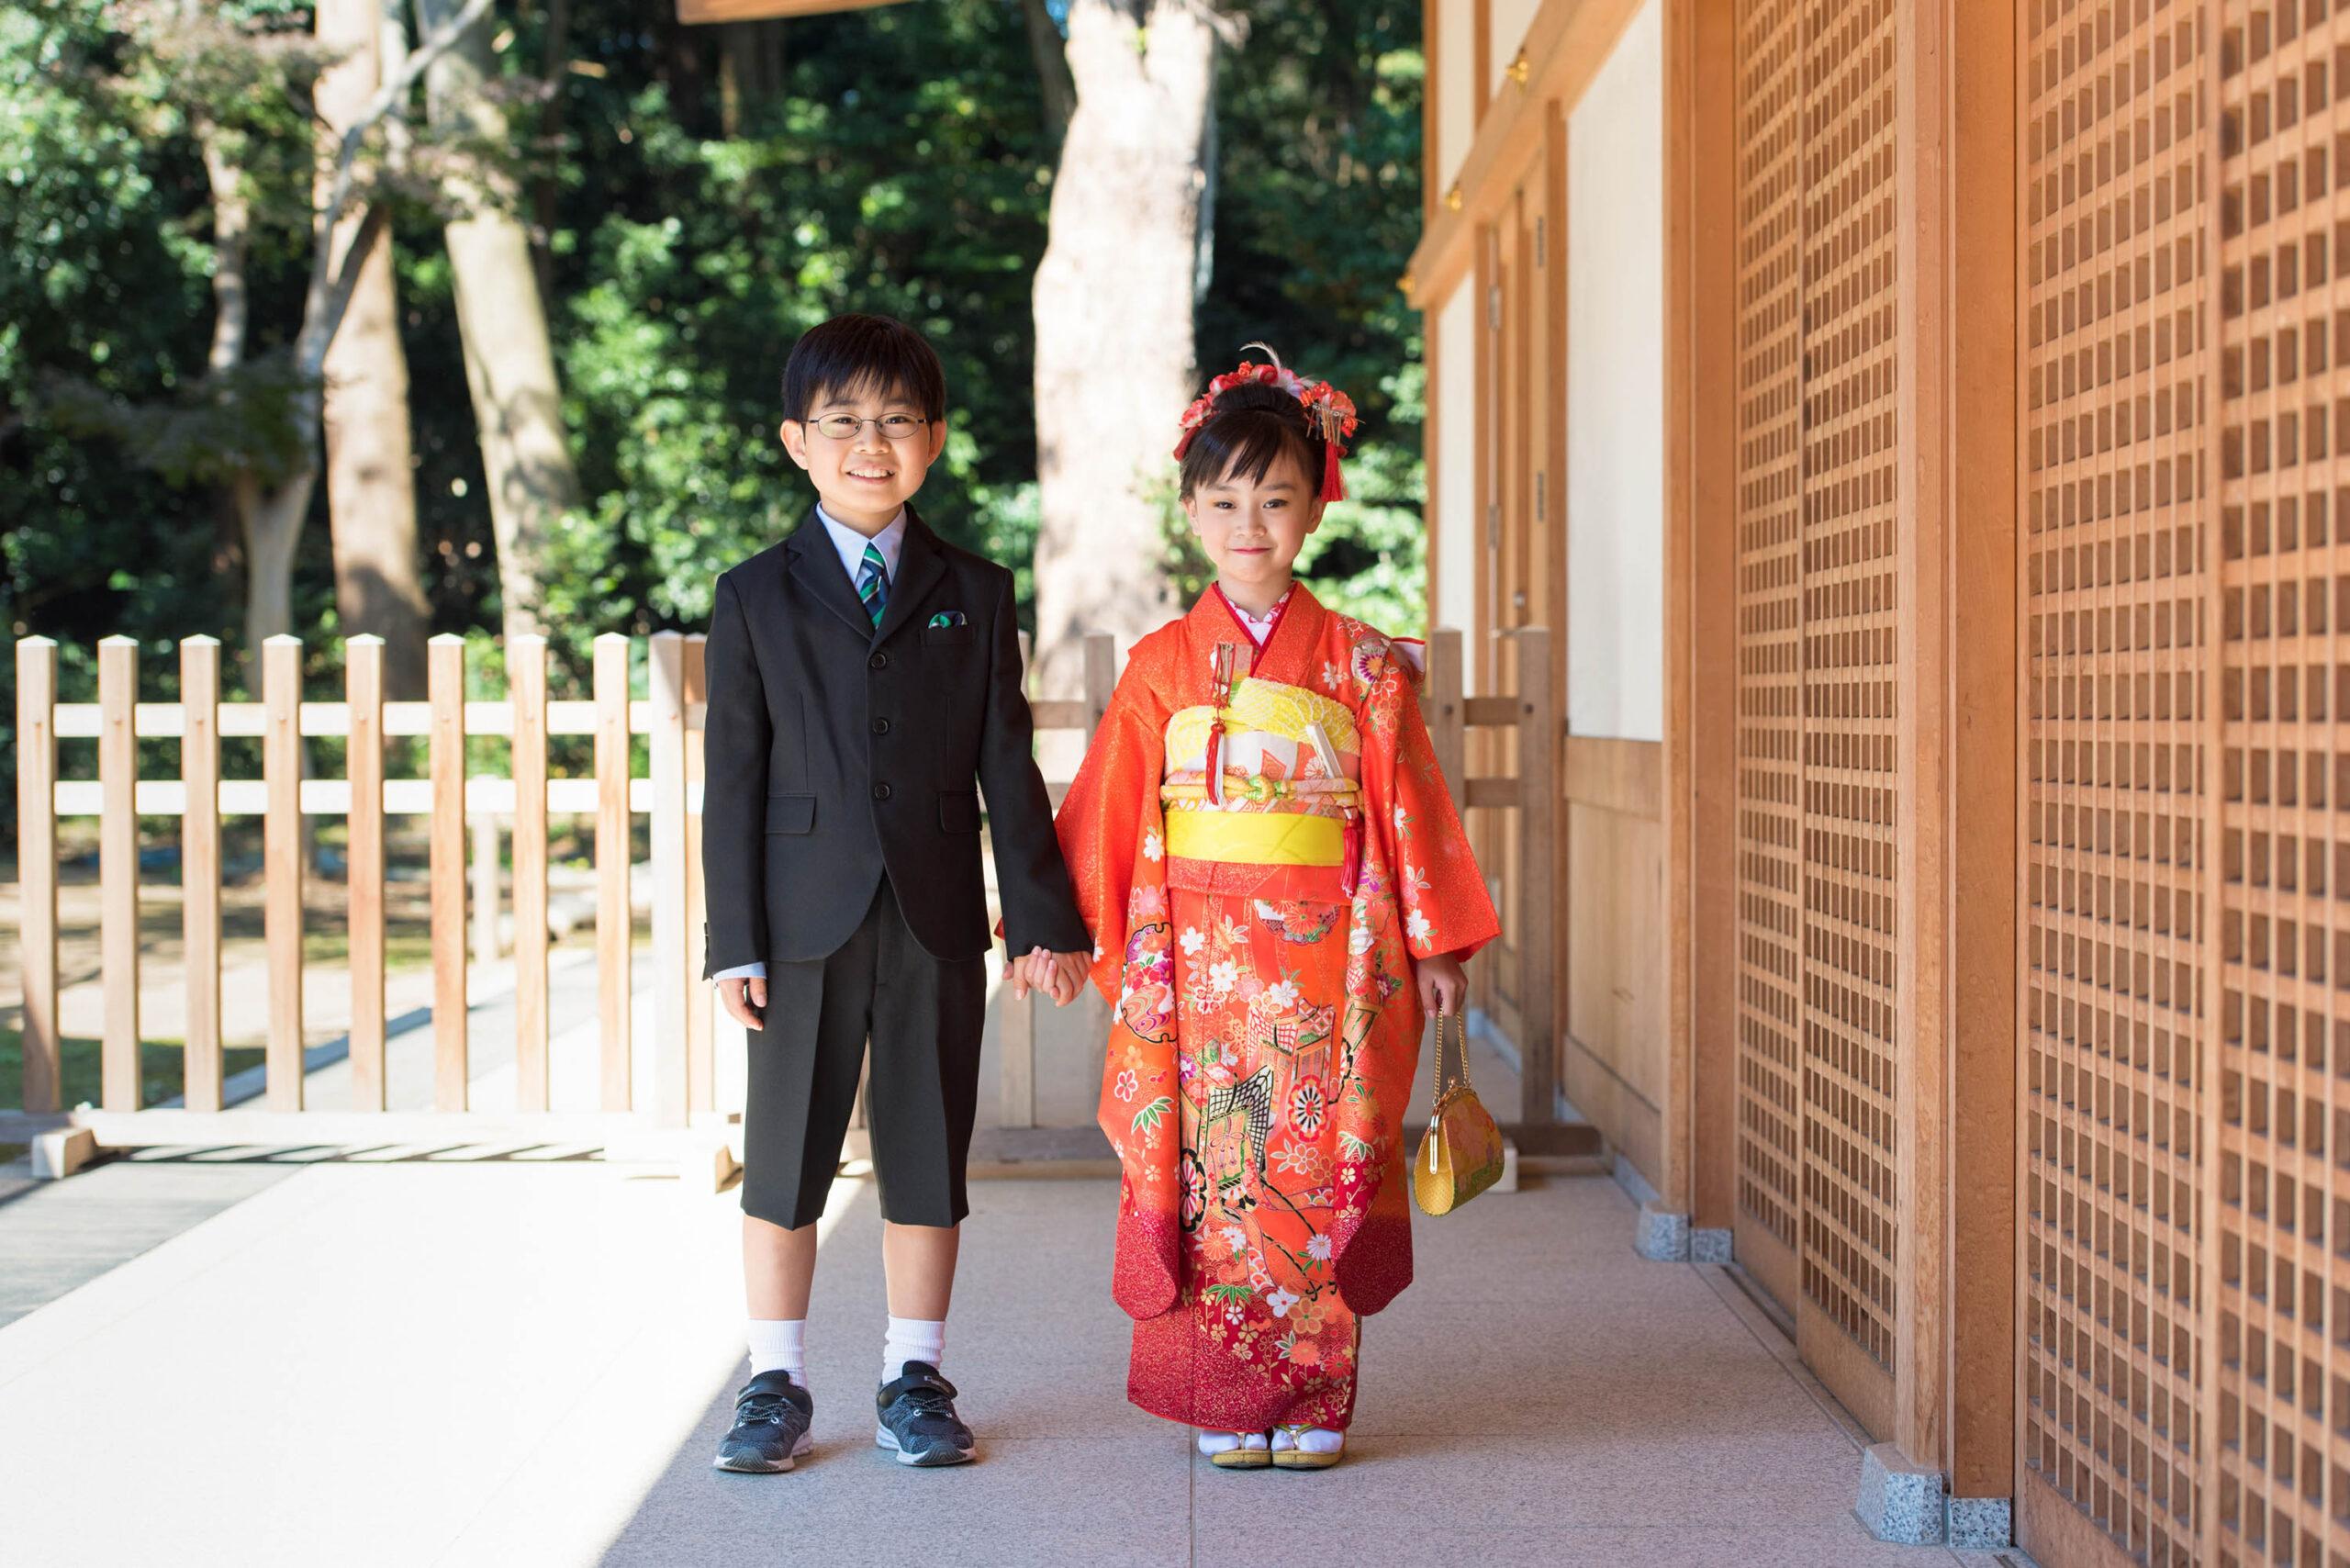 七五三出張撮影|武蔵一宮 氷川神社(大宮氷川神社)|埼玉県|さいたま市|楽しい七五三